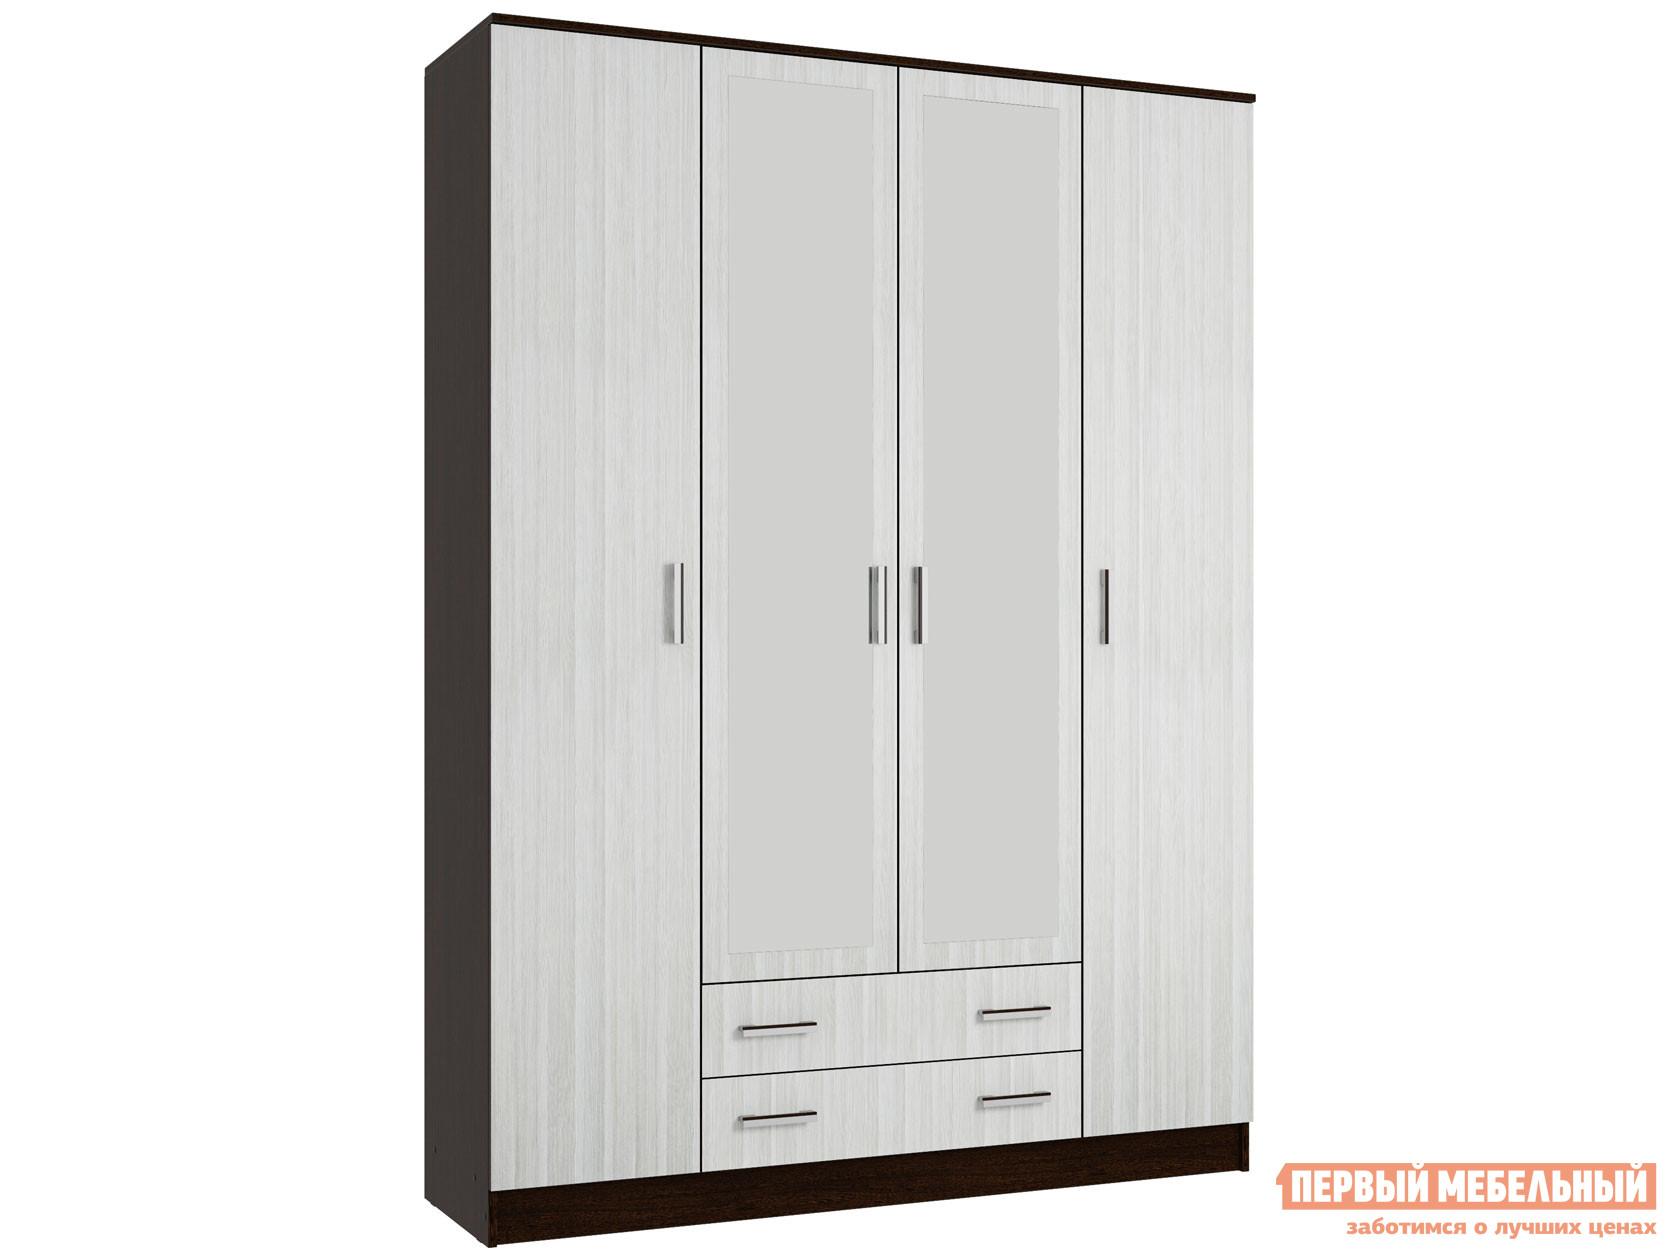 Распашной шкаф  4-х створчатый с зеркалом Эко Венге / Лоредо Эра 107954